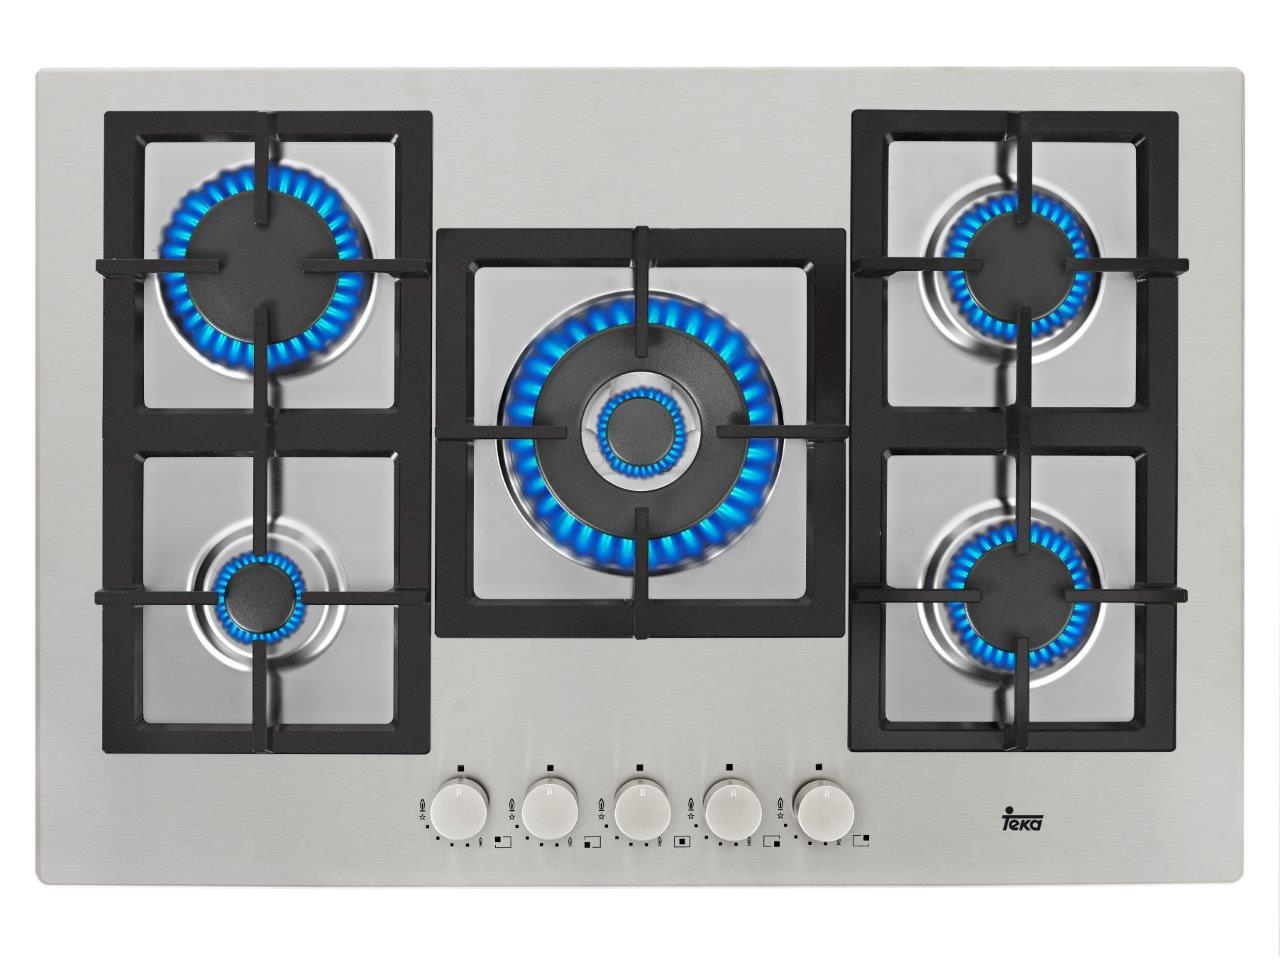 Płyta stalowa z pięcioma palnikami - Teka EFX 90 5G AI AL DR, cena 1199 zł